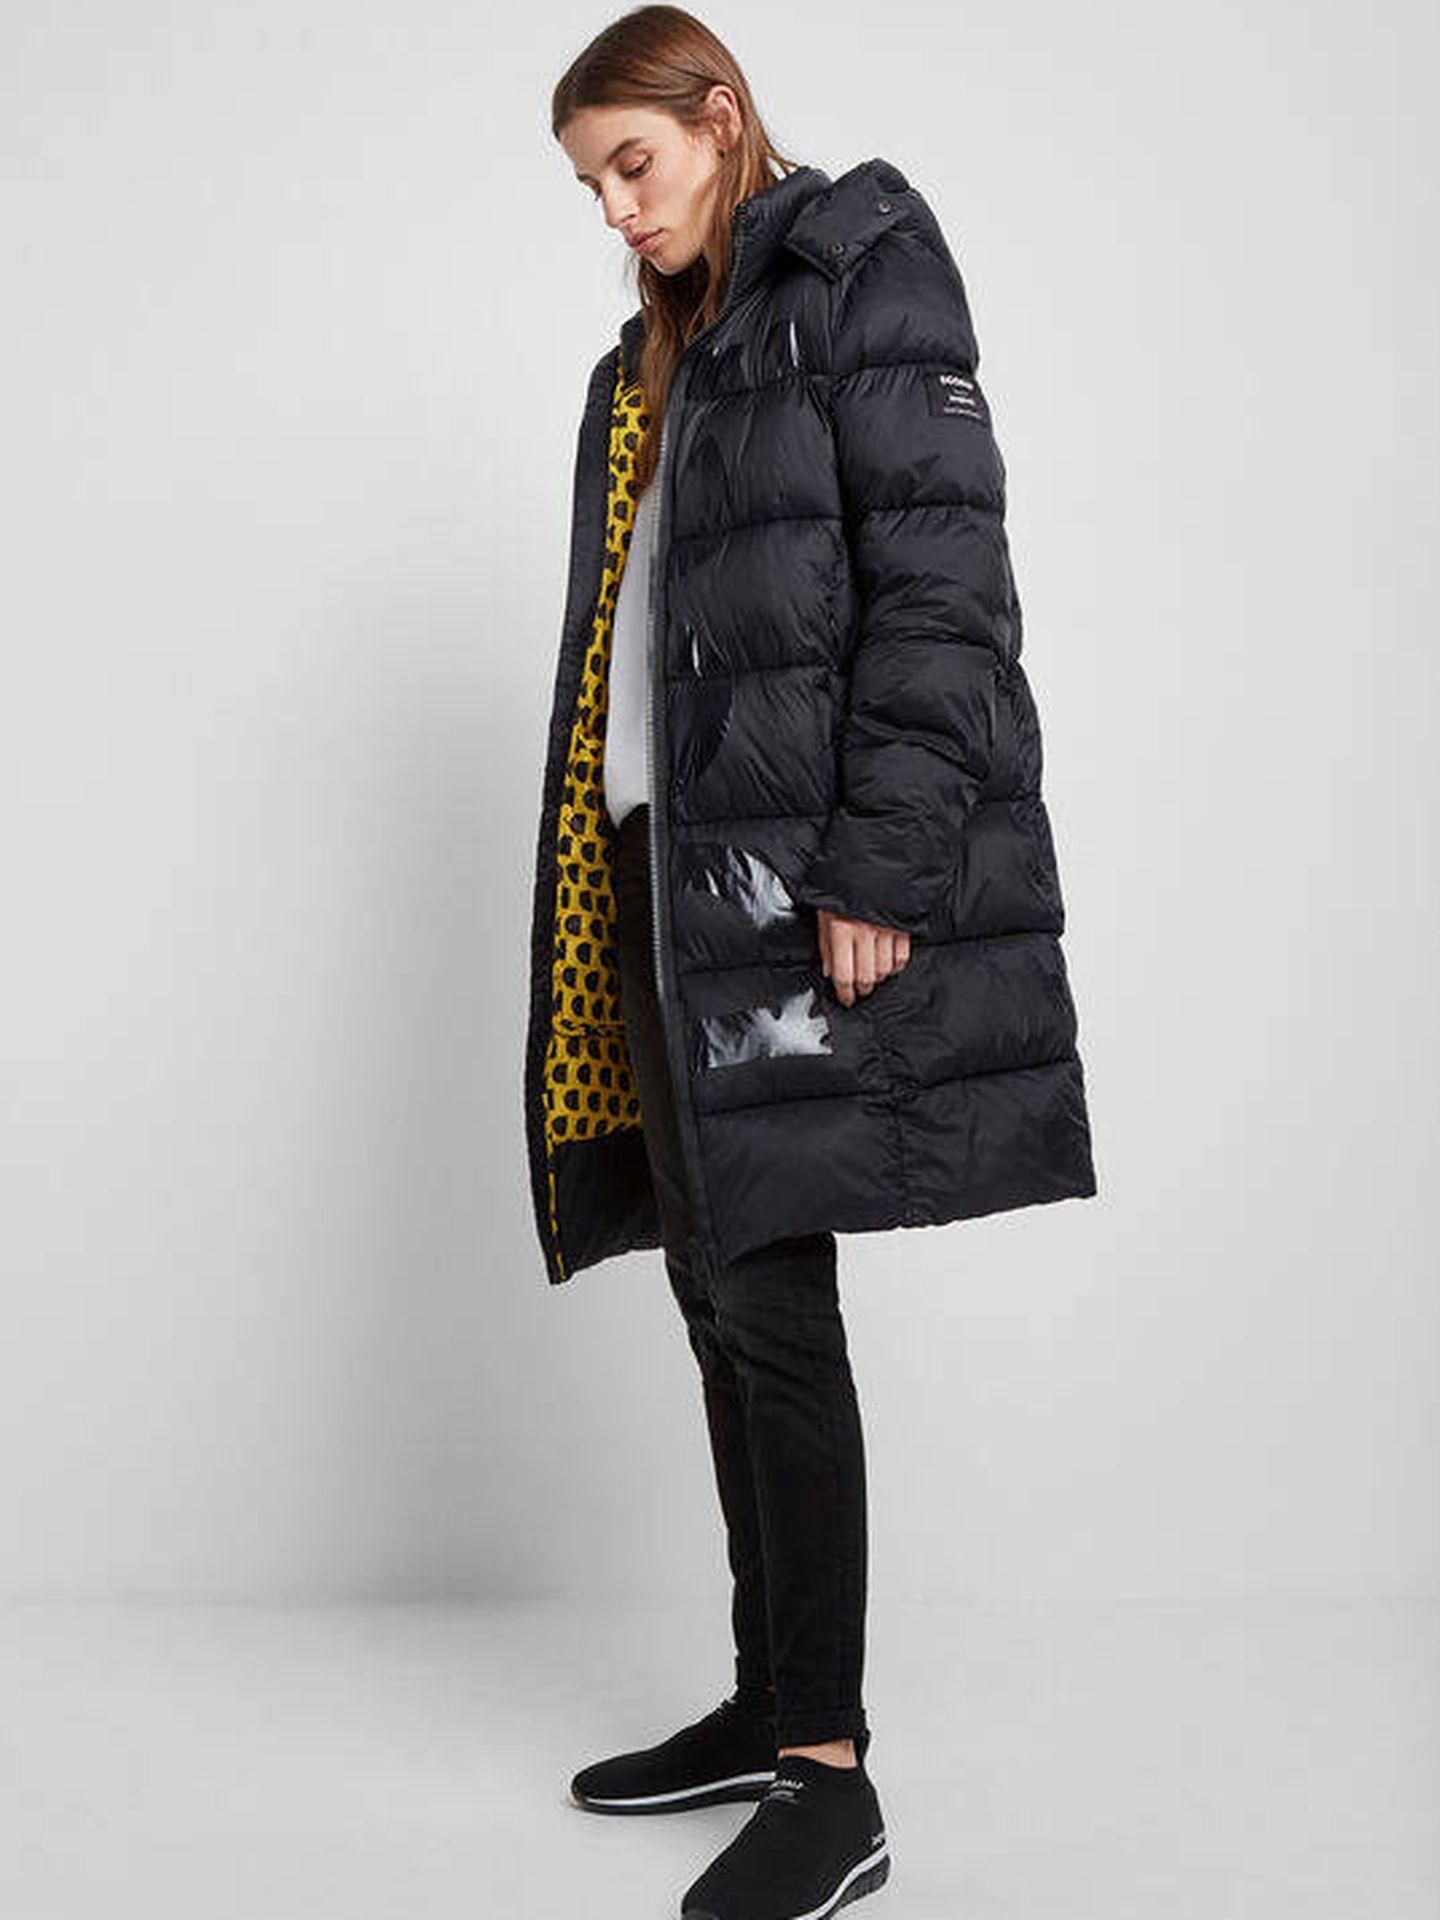 El abrigo de Desigual que lleva Nuria Roca. (Cortesía)